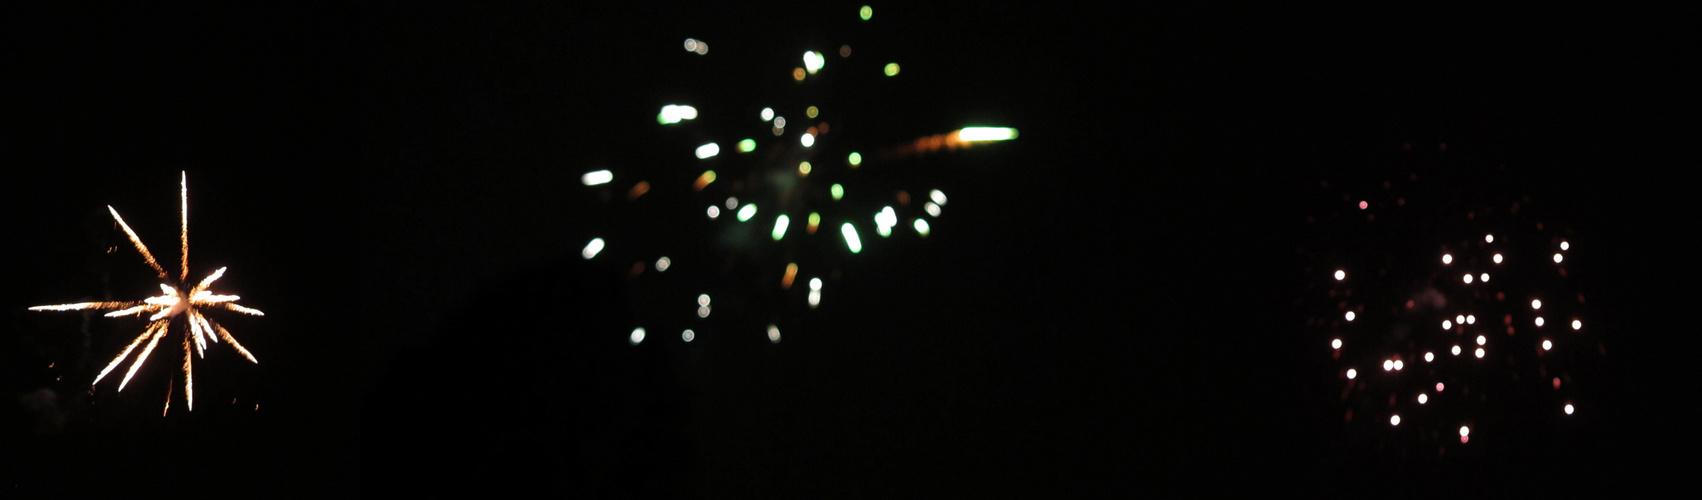 Frohes neues Jahr (: